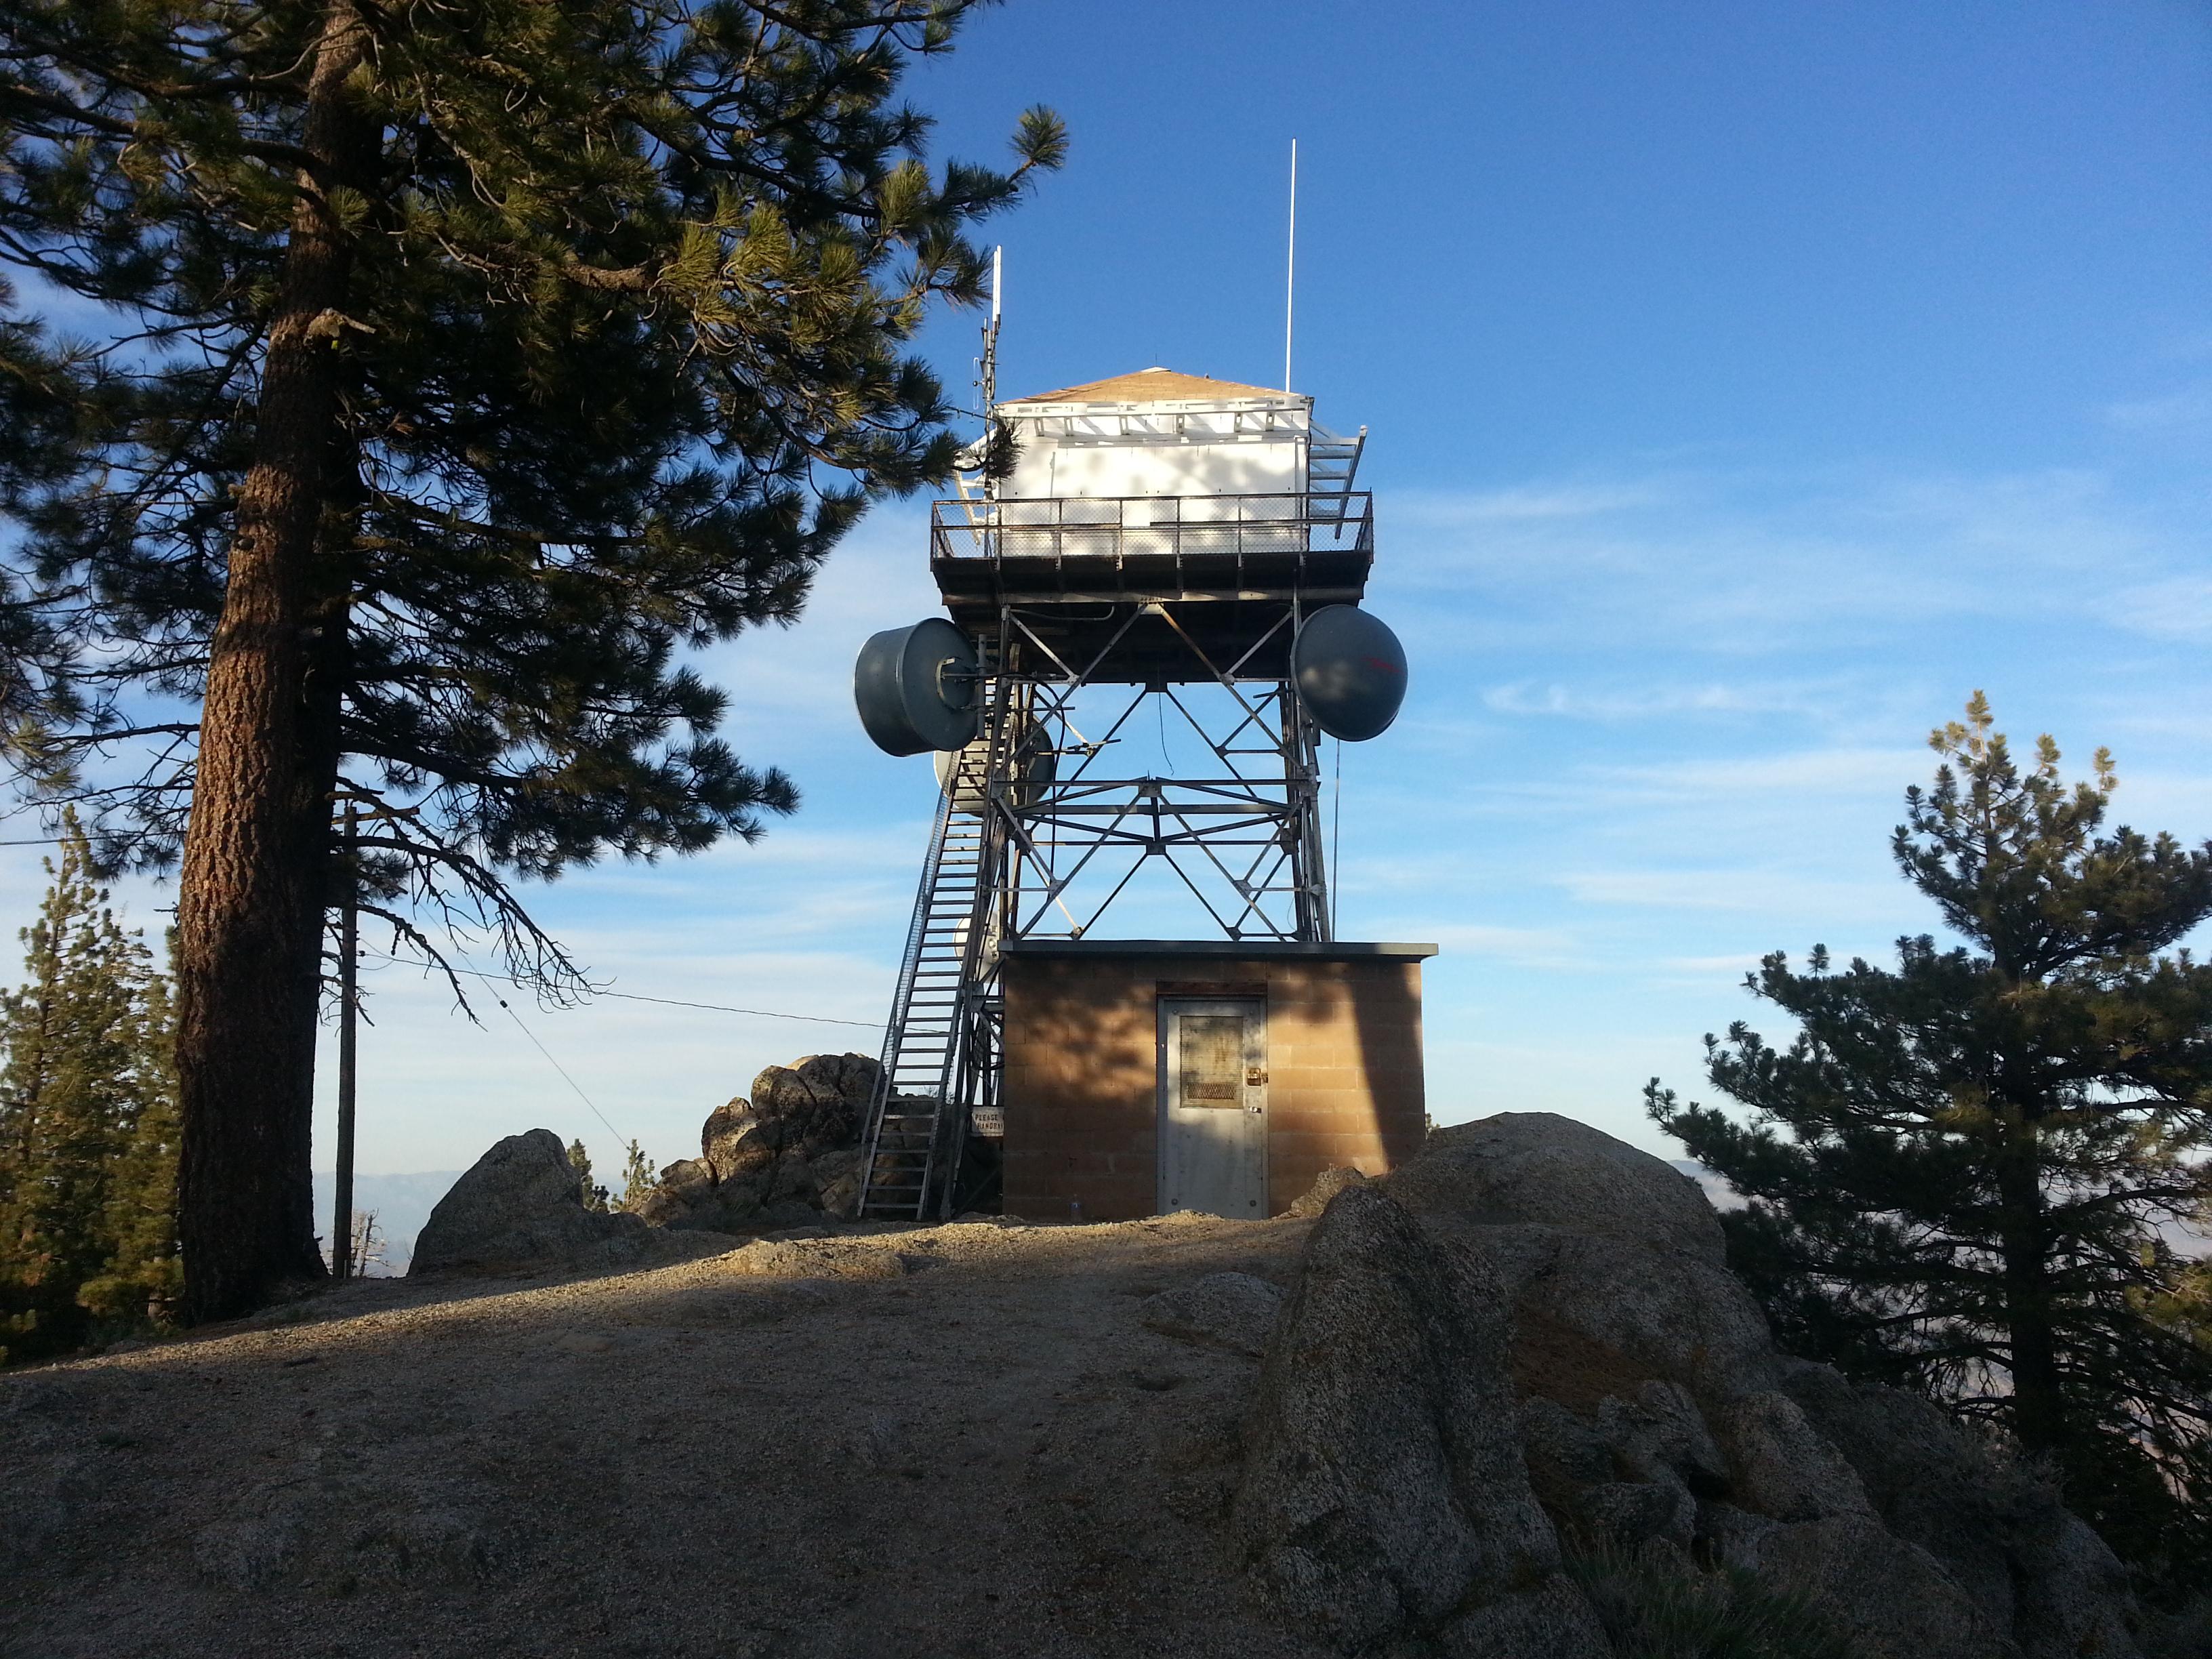 Cache-Tour along Breckenridge Road